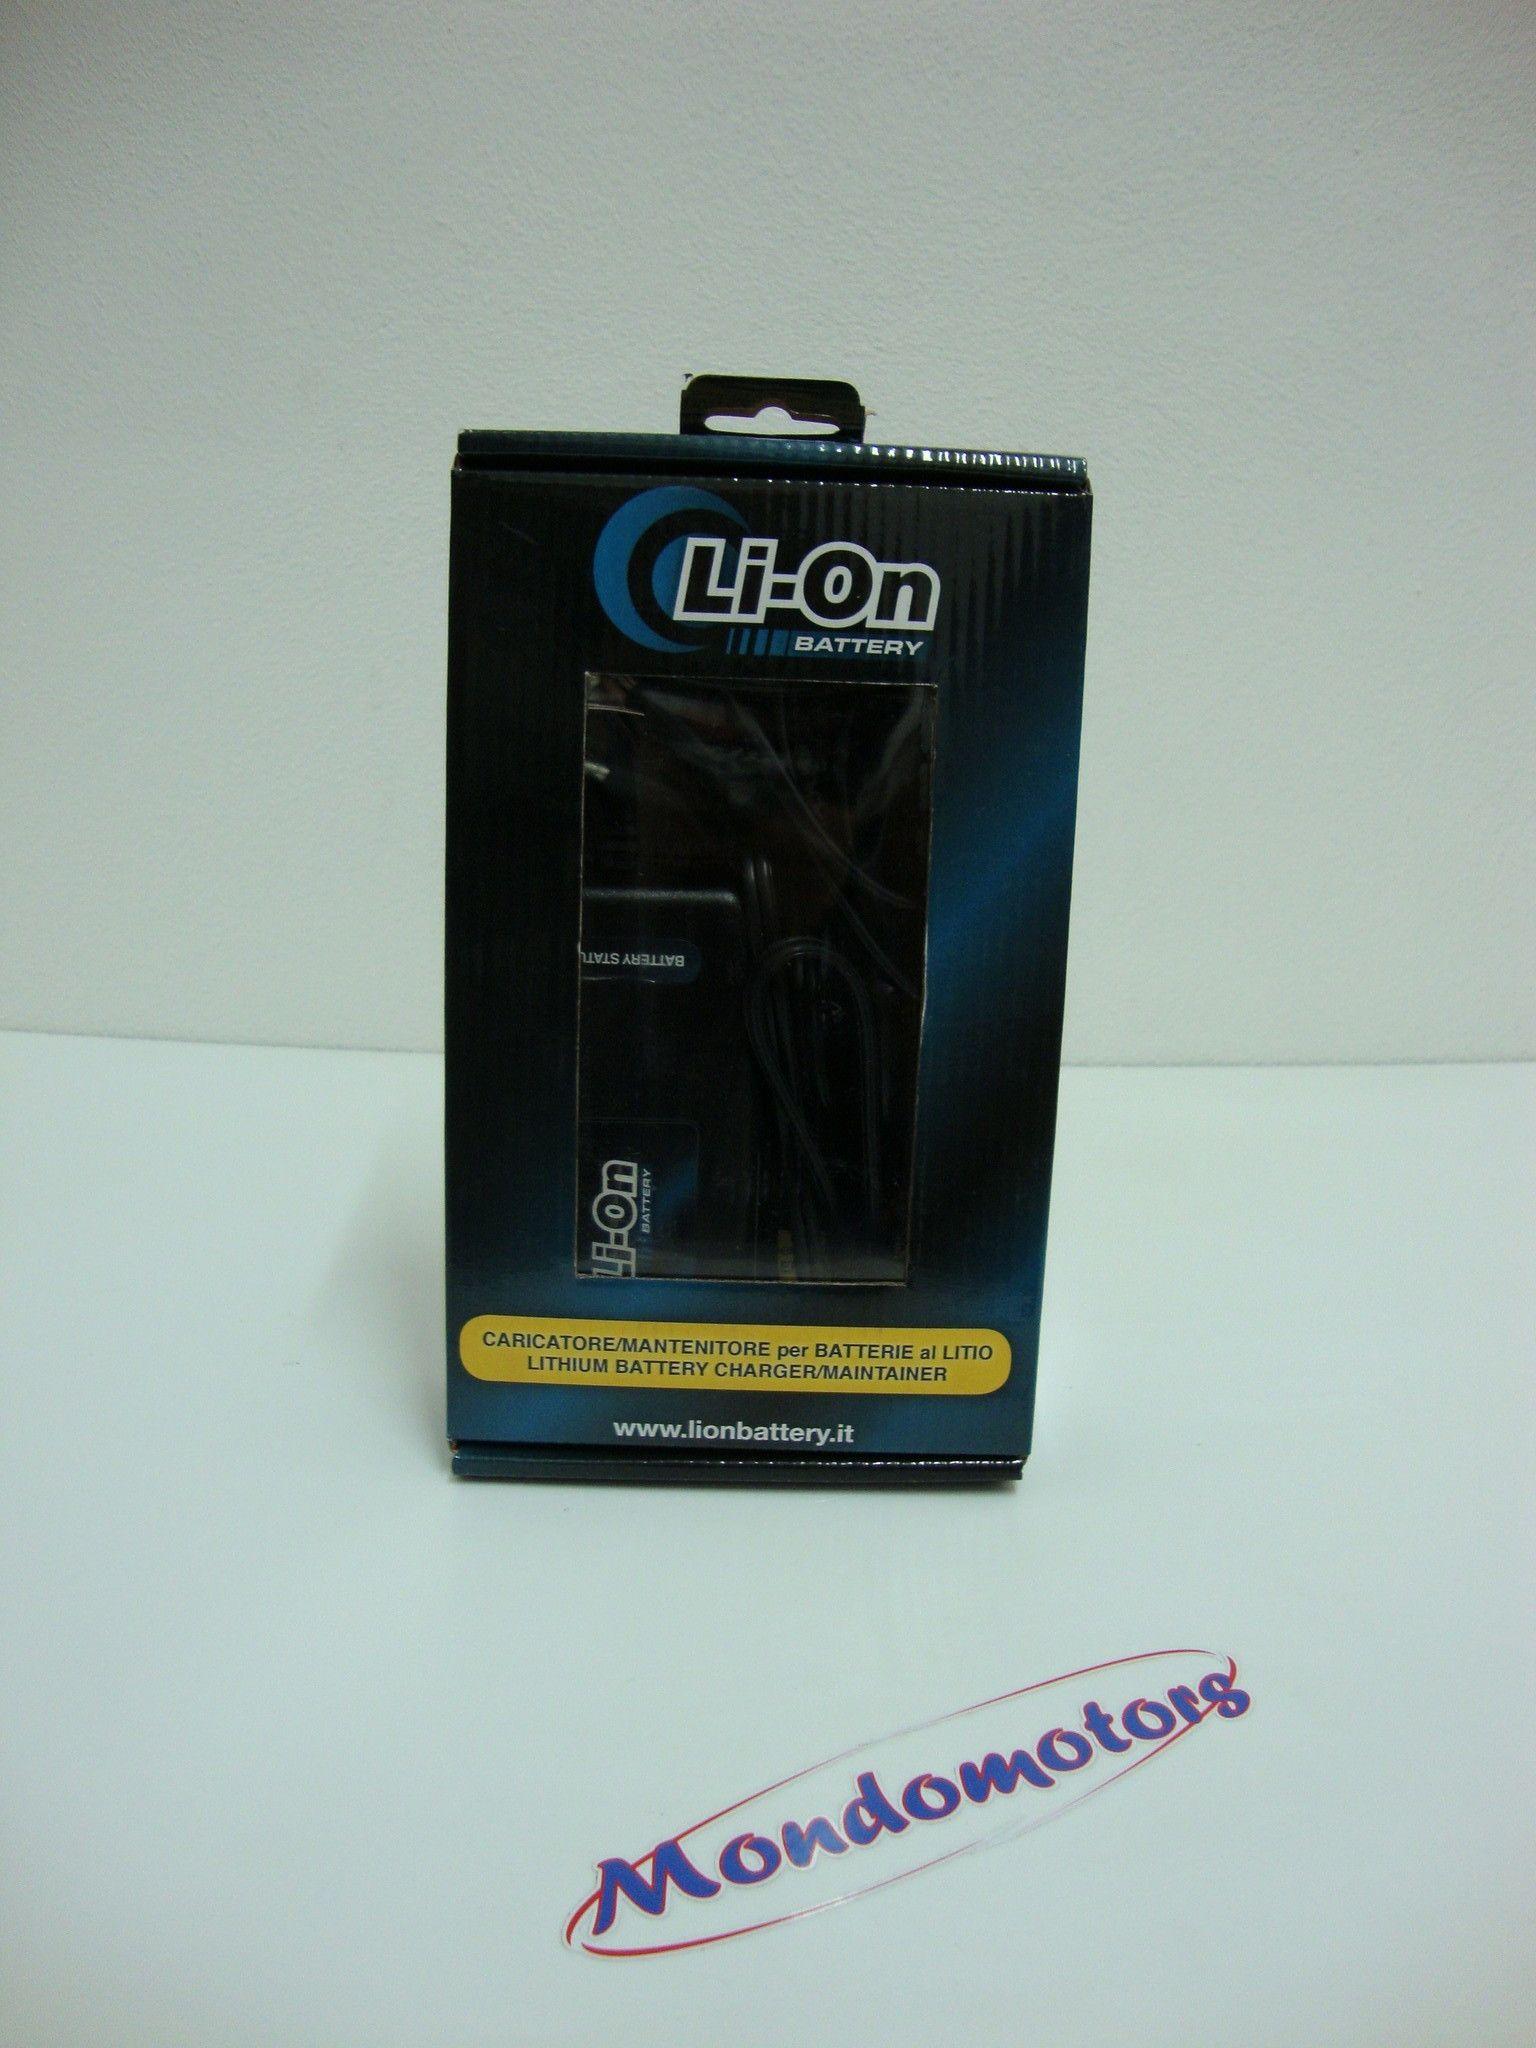 Caricatore/Mantenitore Batterie Al Litio